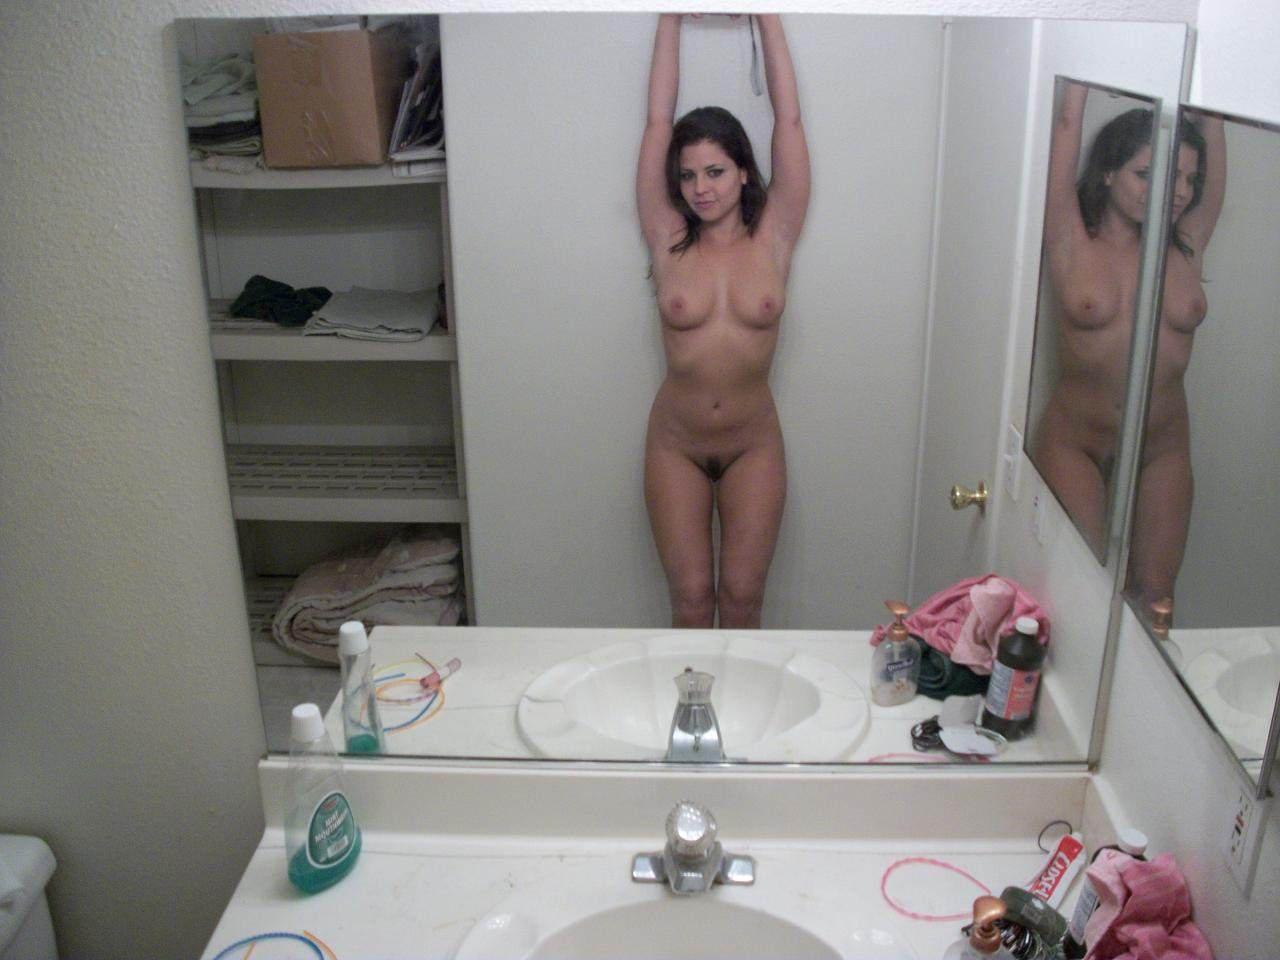 パイパンまんこのオールヌードを撮影する海外素人美女の自画撮りエロ画像 304